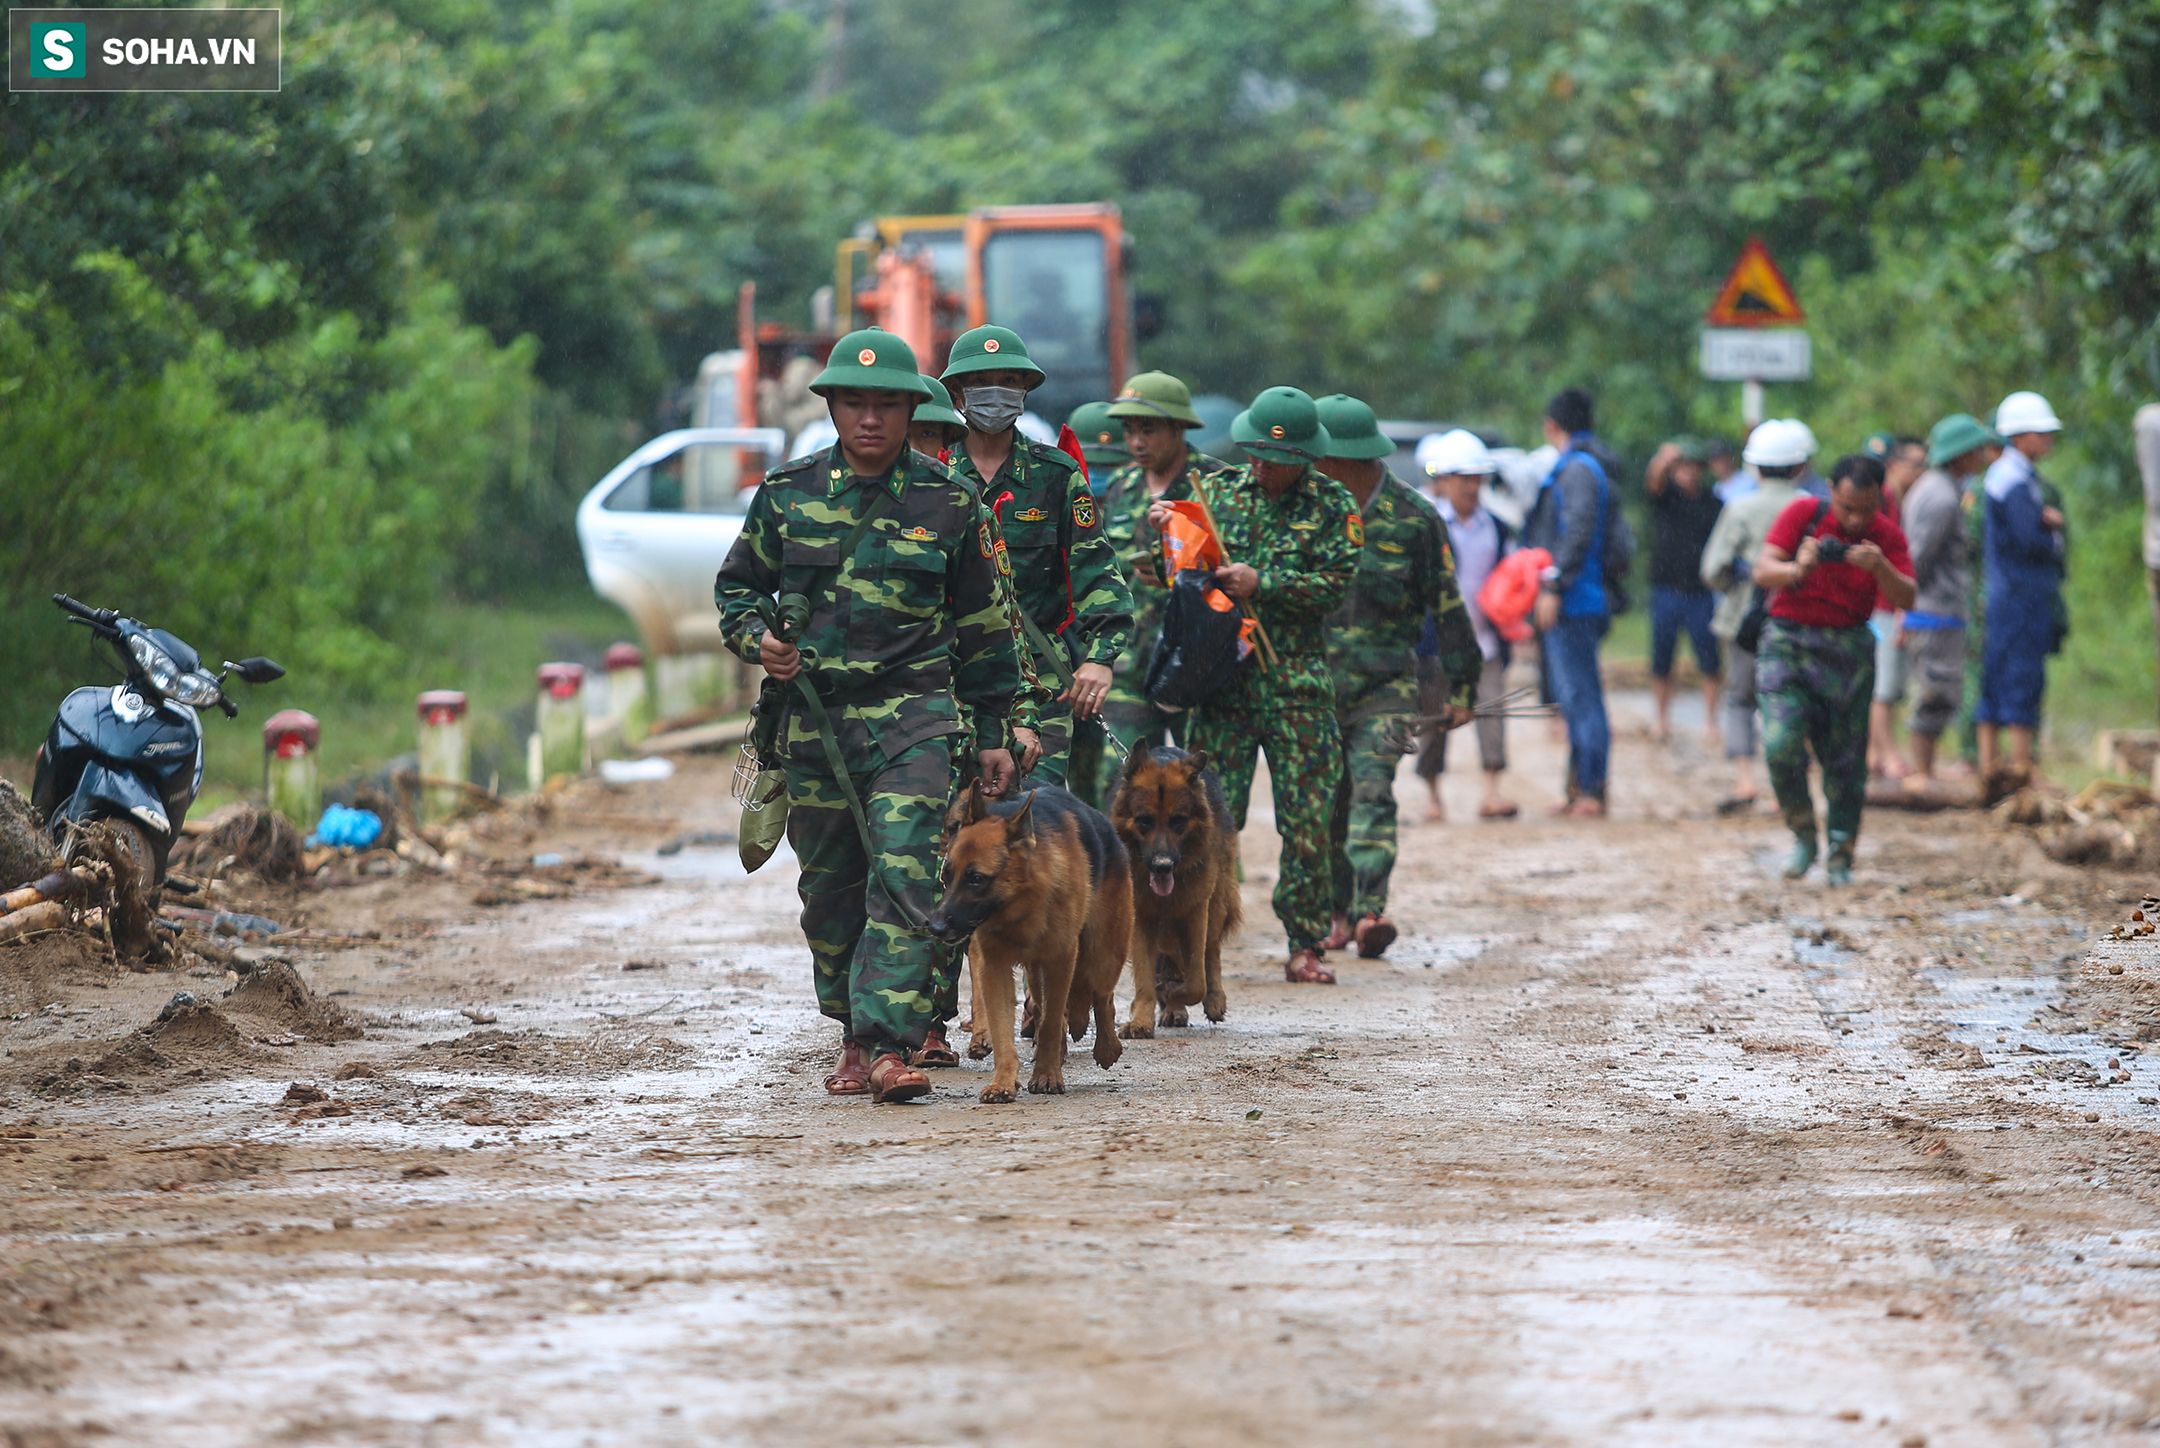 """Toàn cảnh dãy nhà bị núi lở """"san phẳng"""", vùi lấp 22 chiến sĩ ở Quảng Trị - Ảnh 8."""